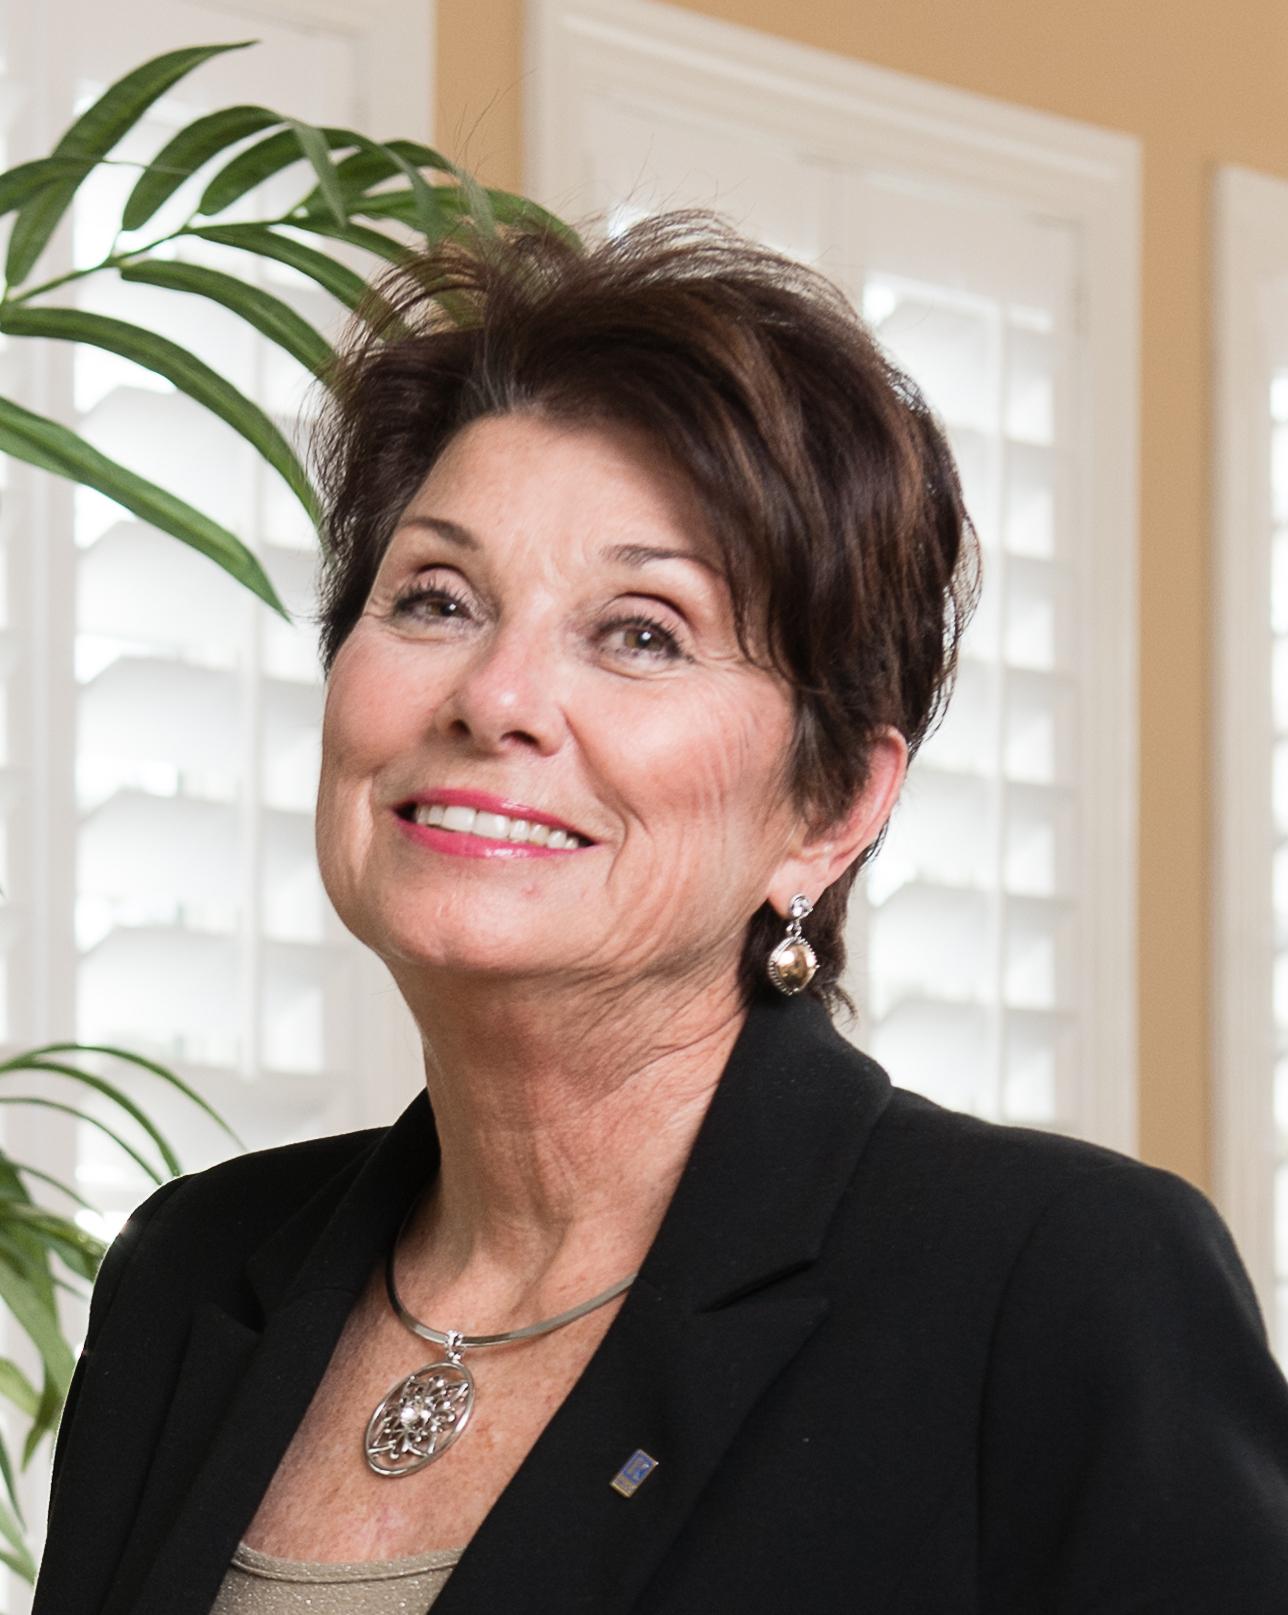 Patricia A. Broghamer